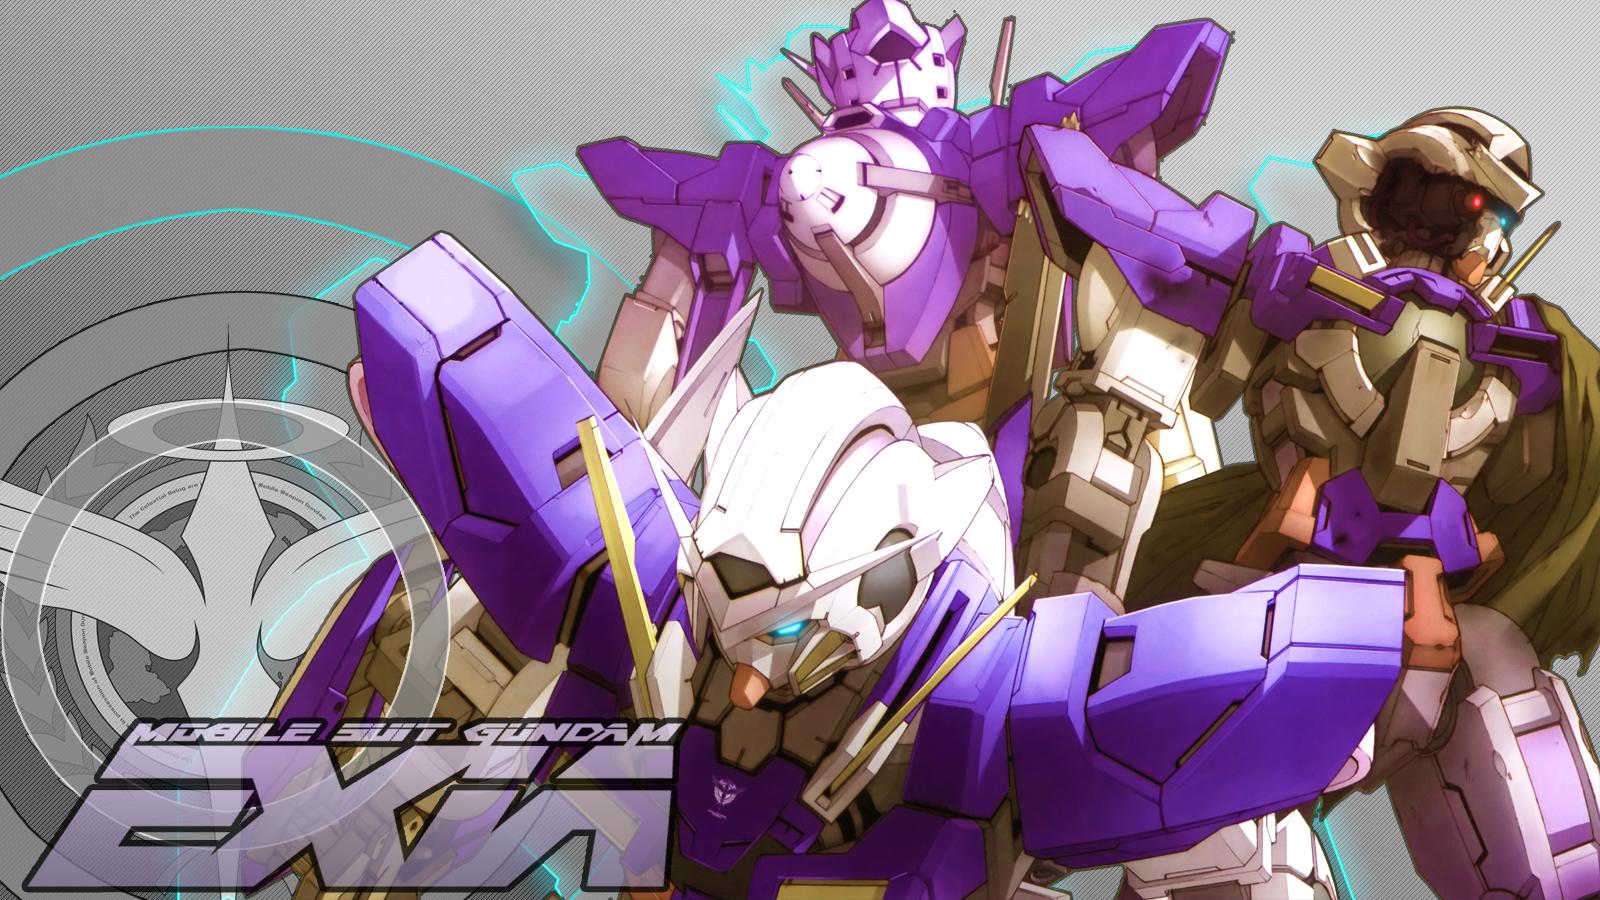 Gundam Exia Wallpaper 10 Background Wallpaper   Animewpcom 1600x900